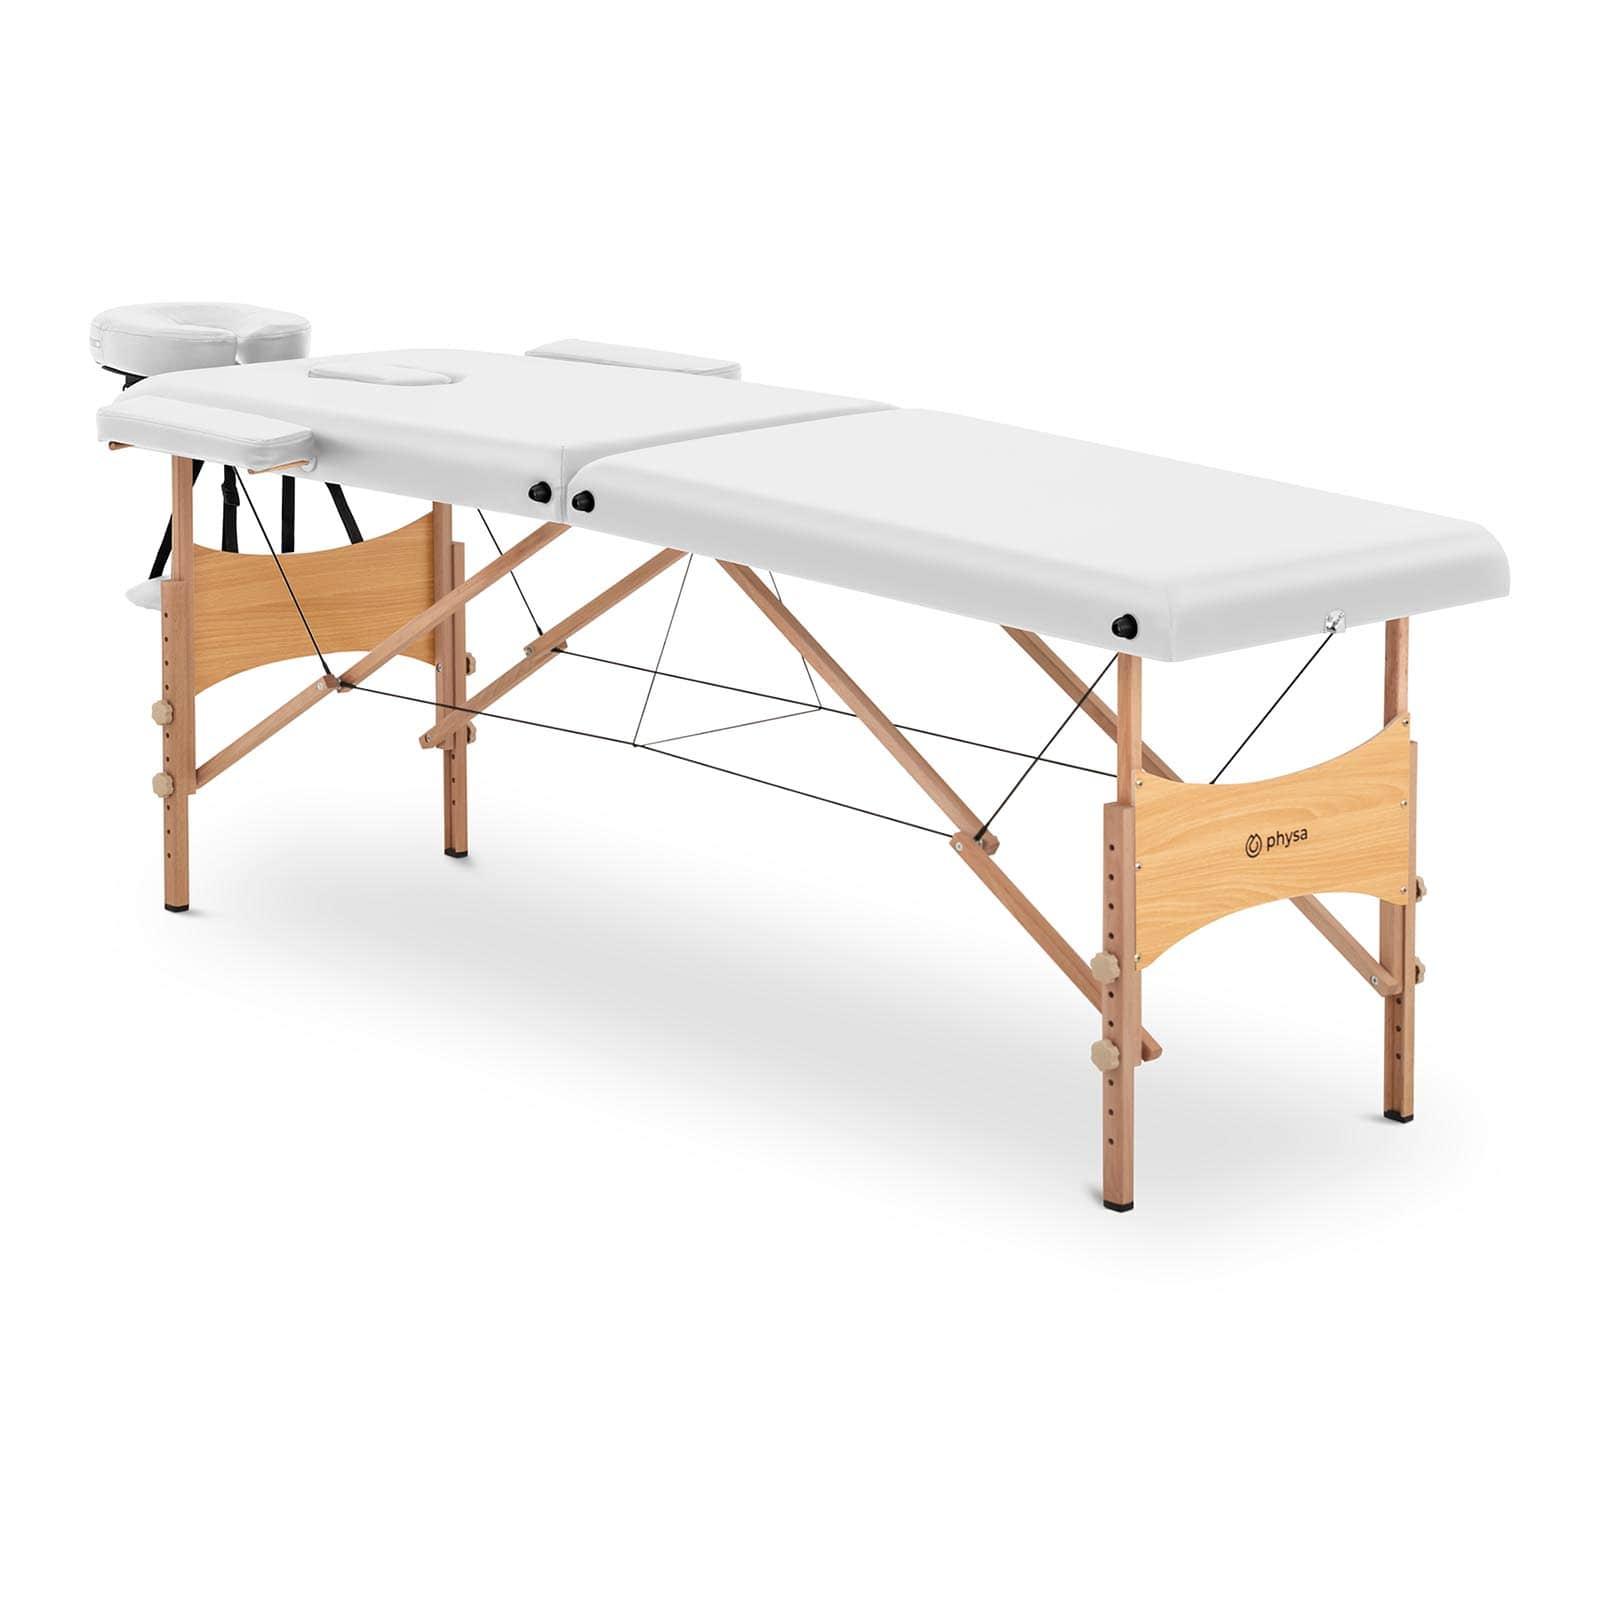 Masszázs asztalok